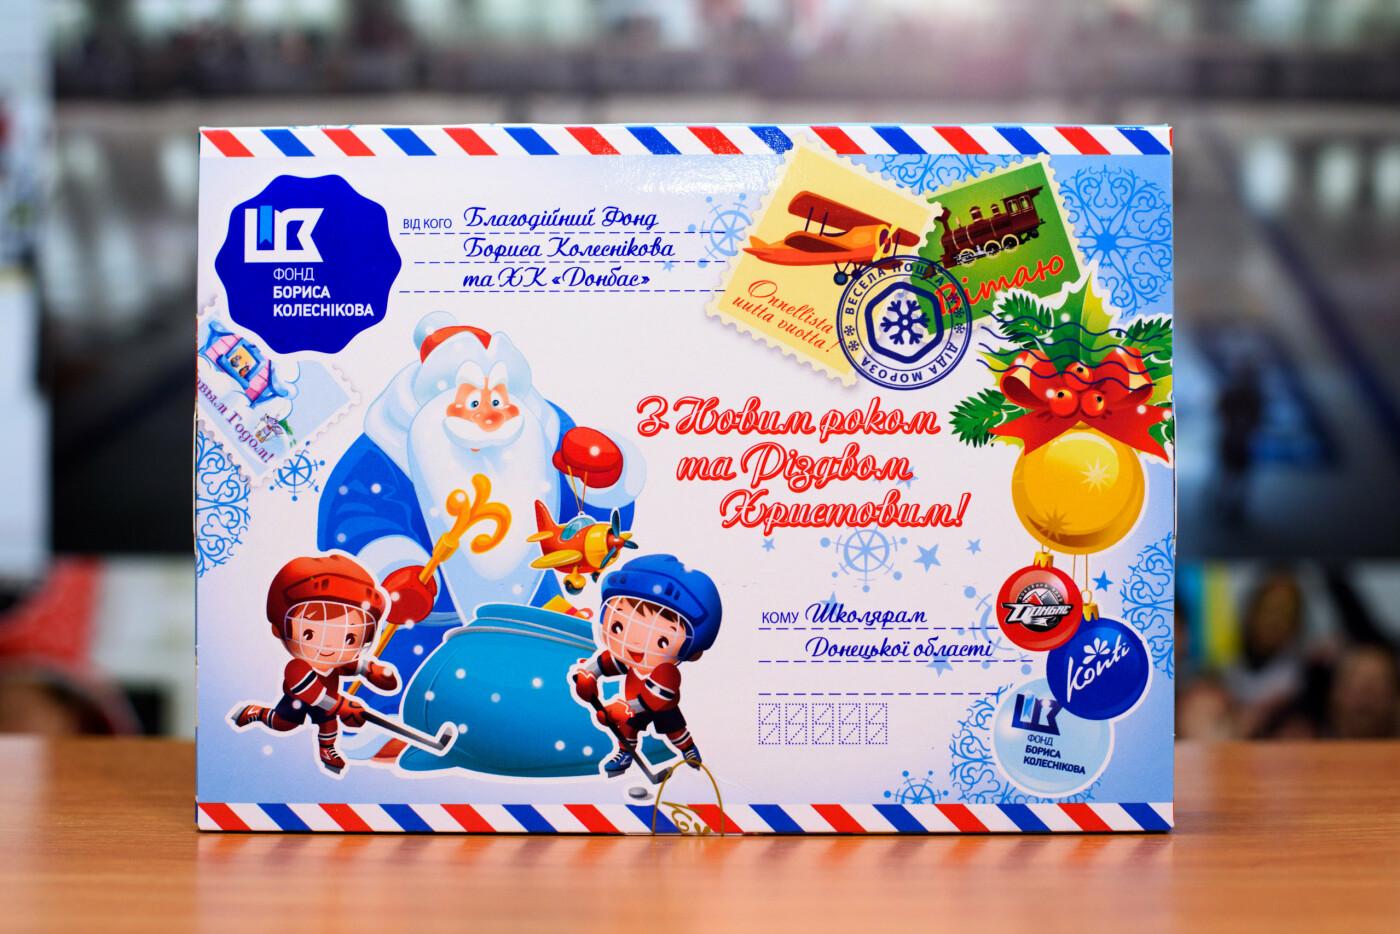 В День Николая 61000 школьников получили сладкие подарки от Фонда Бориса Колесникова, фото-10